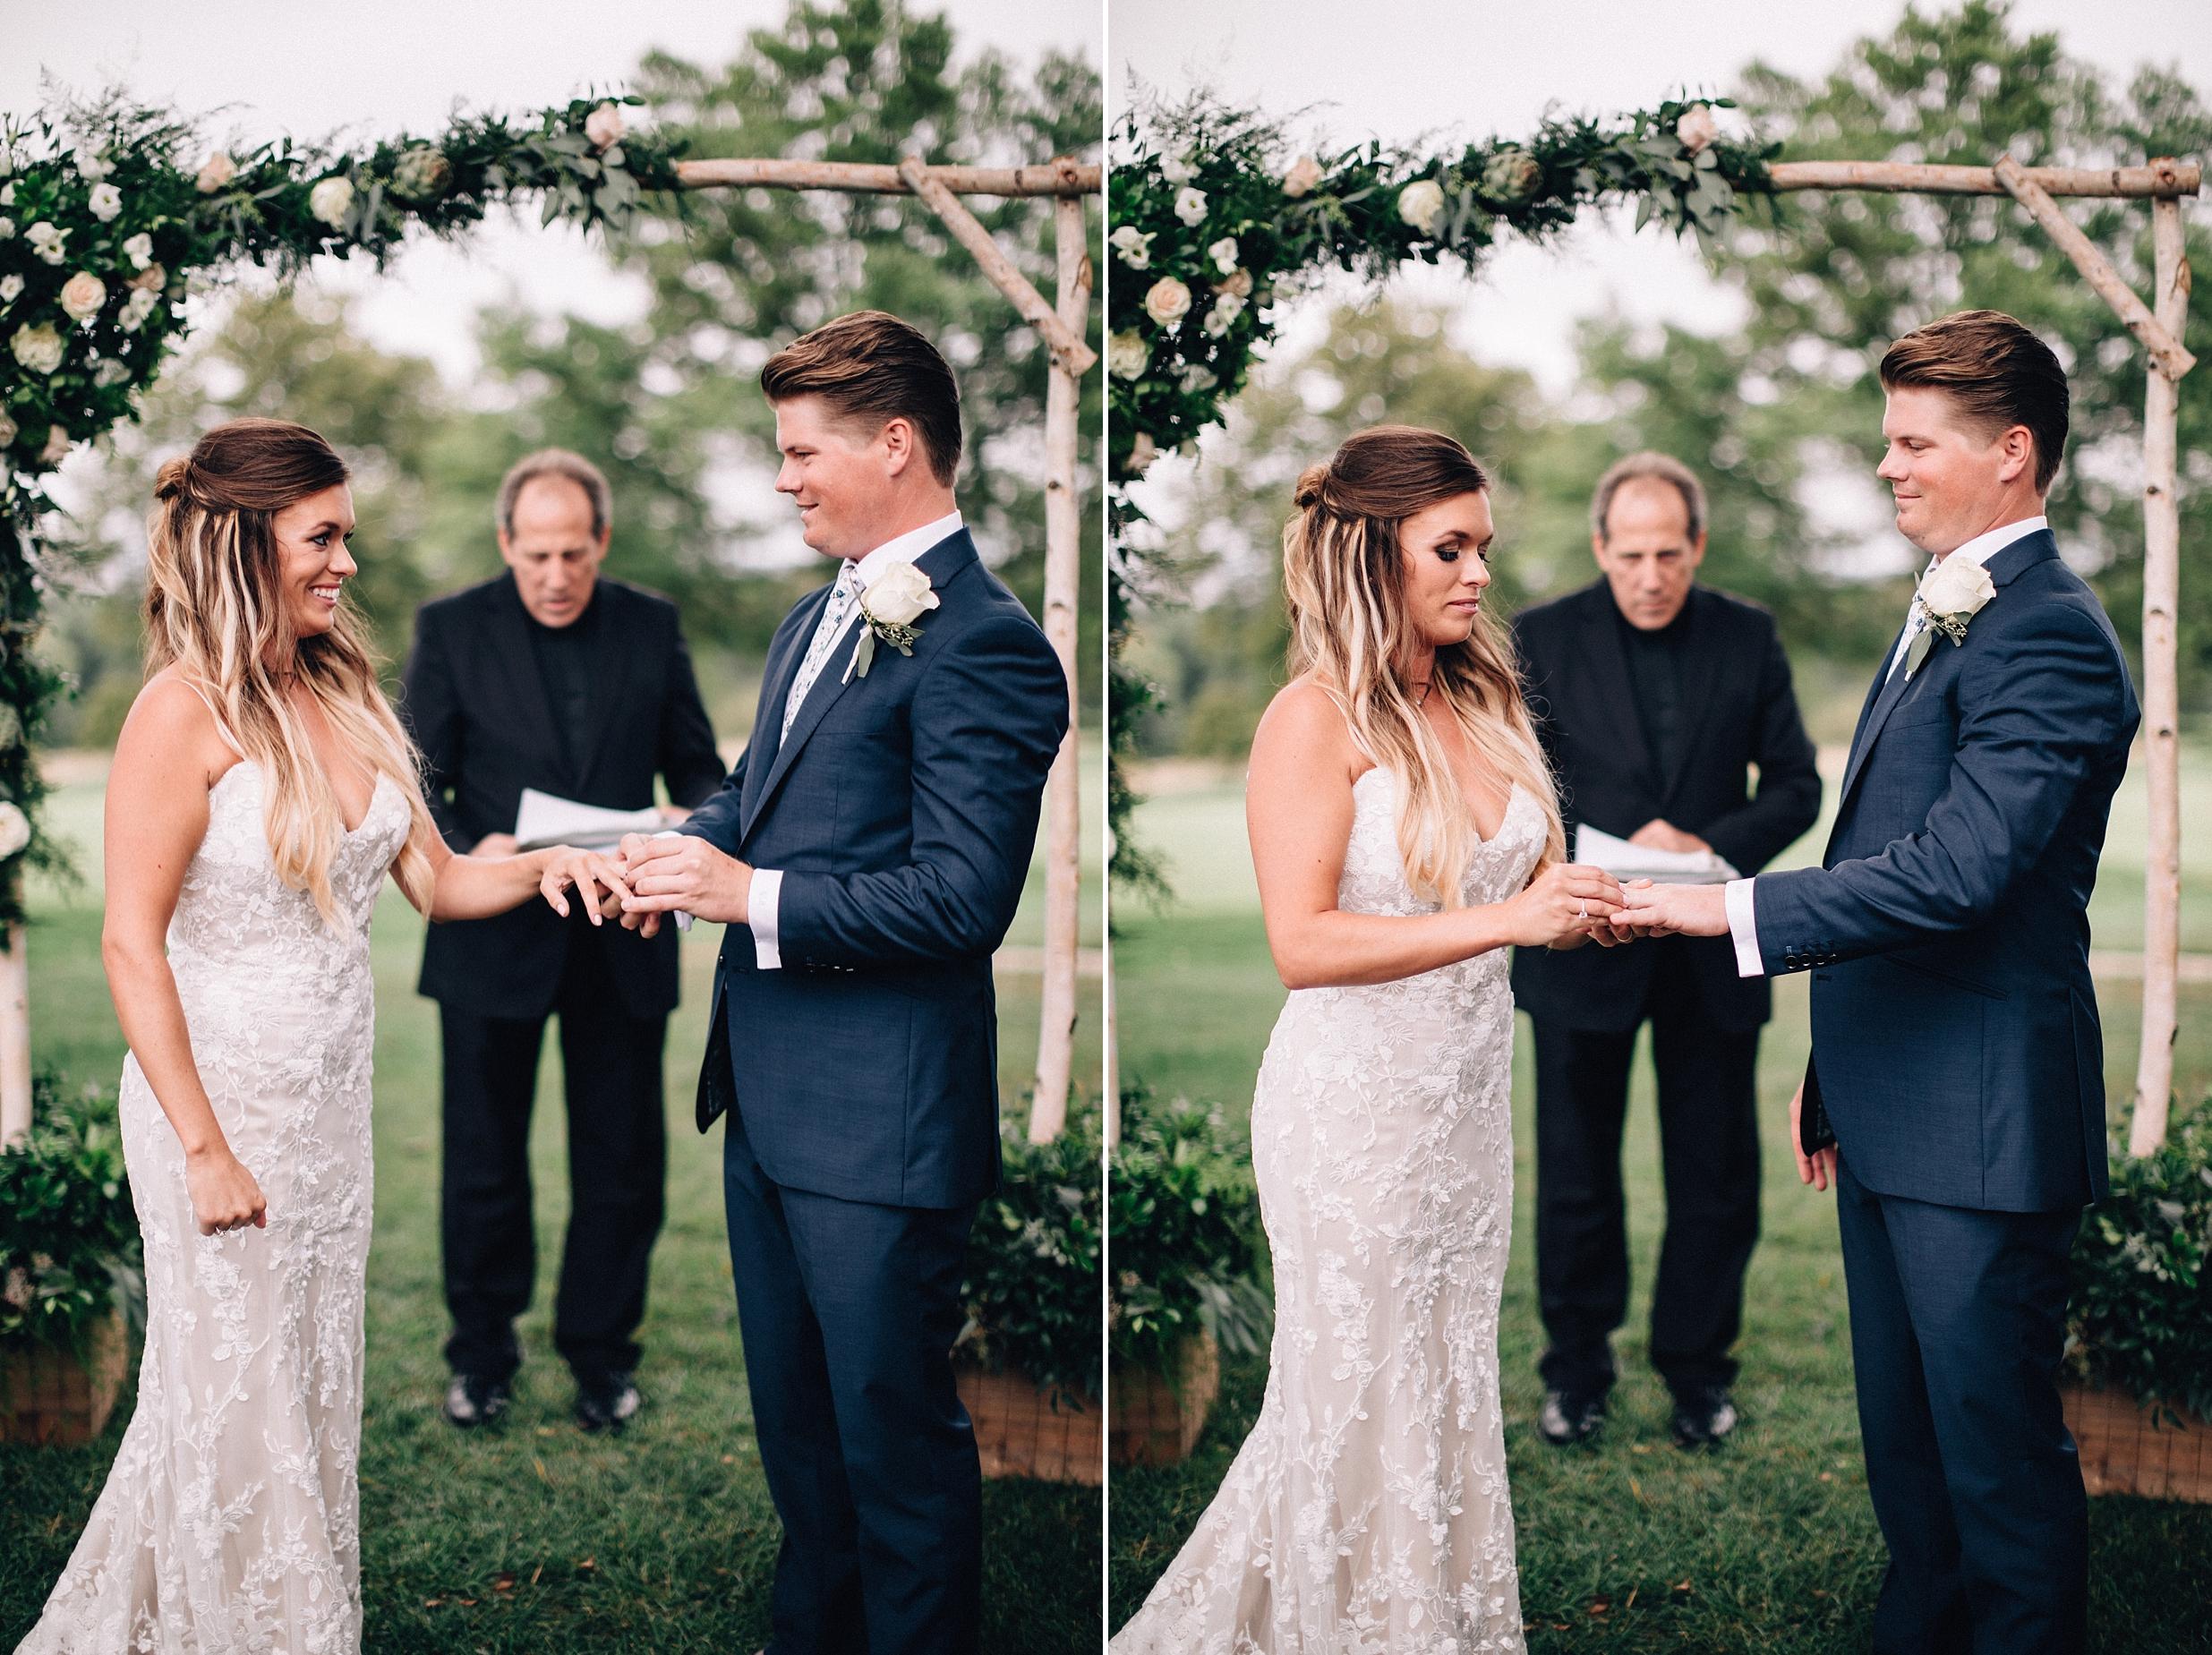 jersey-outdoor-ceremony-wedding-navasink-monmouth-rumson_0049.jpg